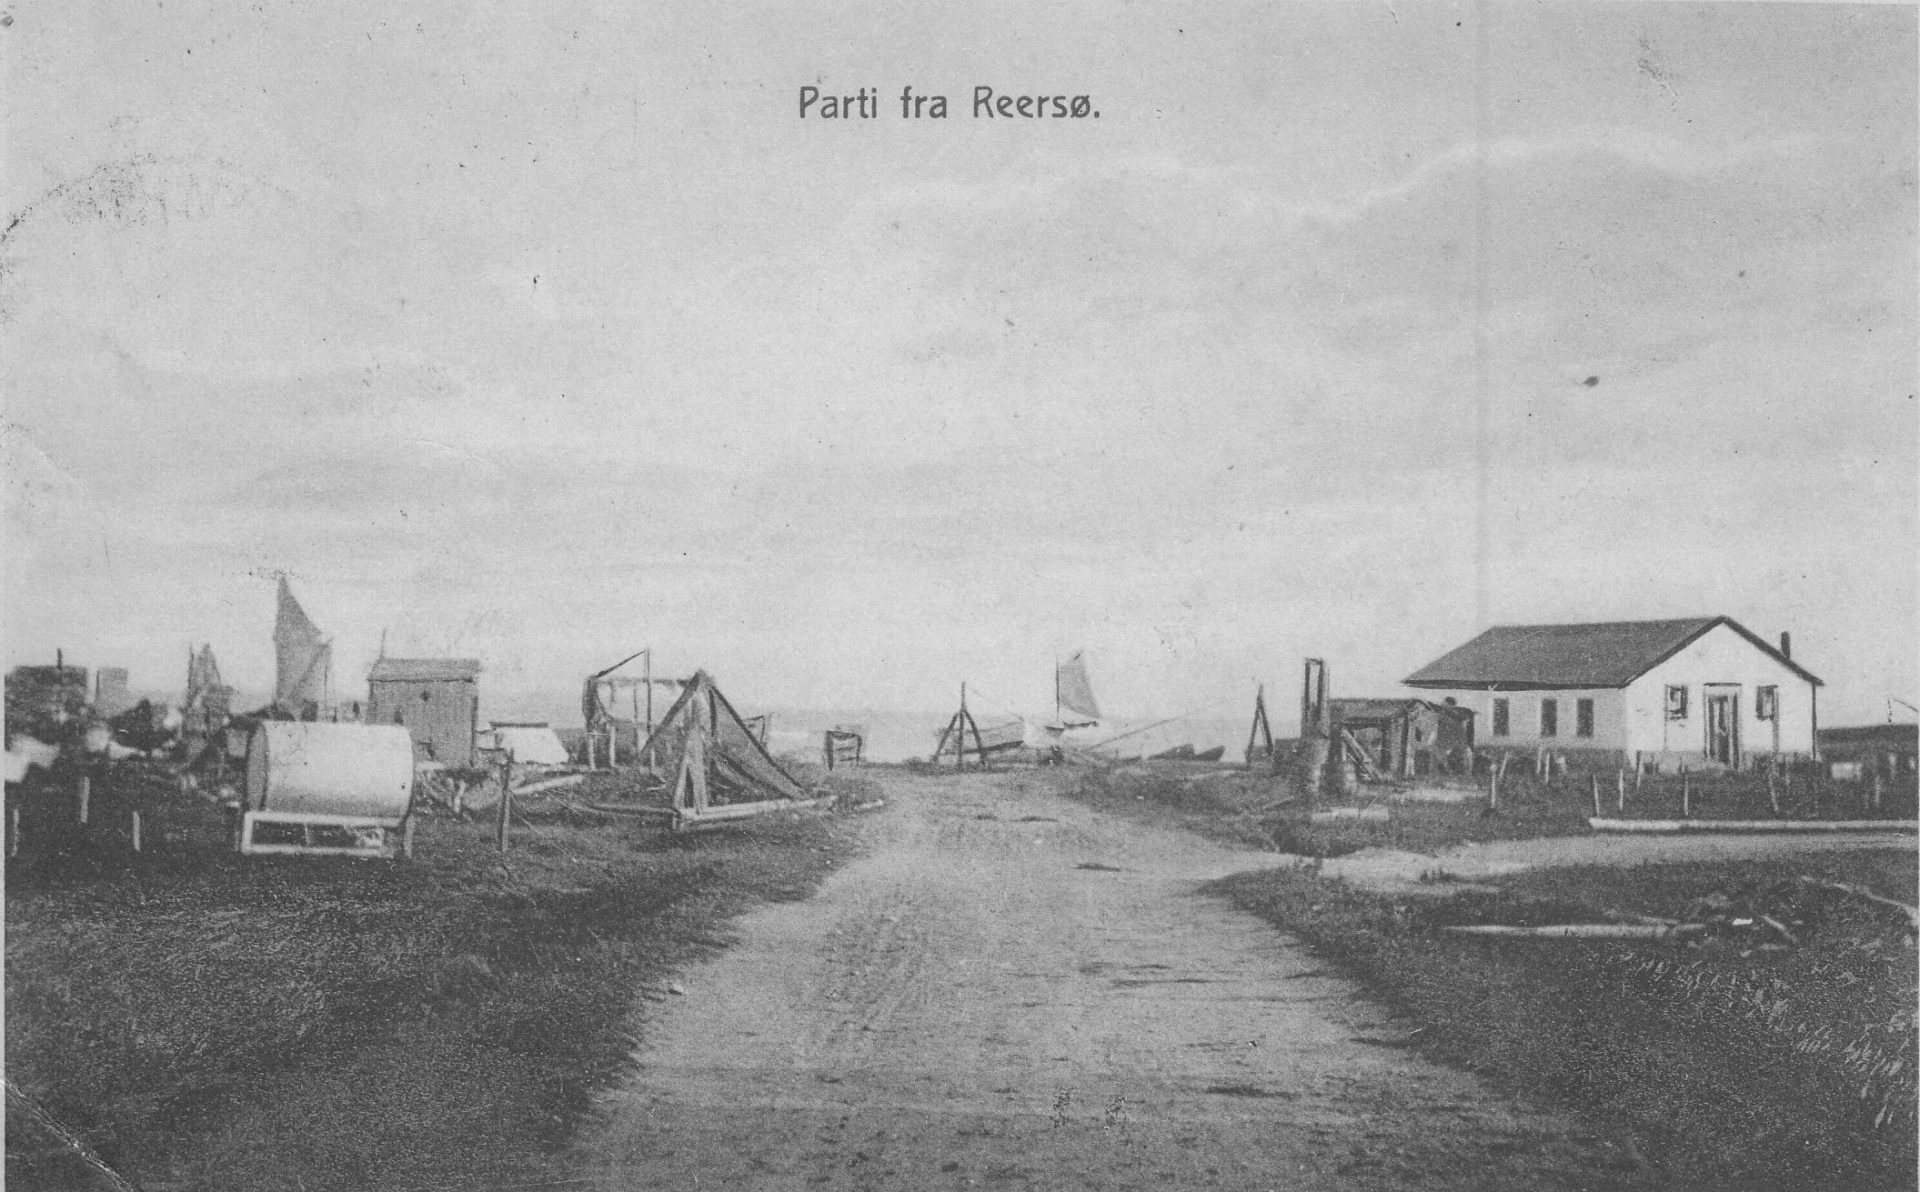 Der er ingen datering på motivet fra Reersø Havn, men hvis nogen kan siger noget om hvornår billedet er taget, så vil Arkivet gerne modtage oplysningerne